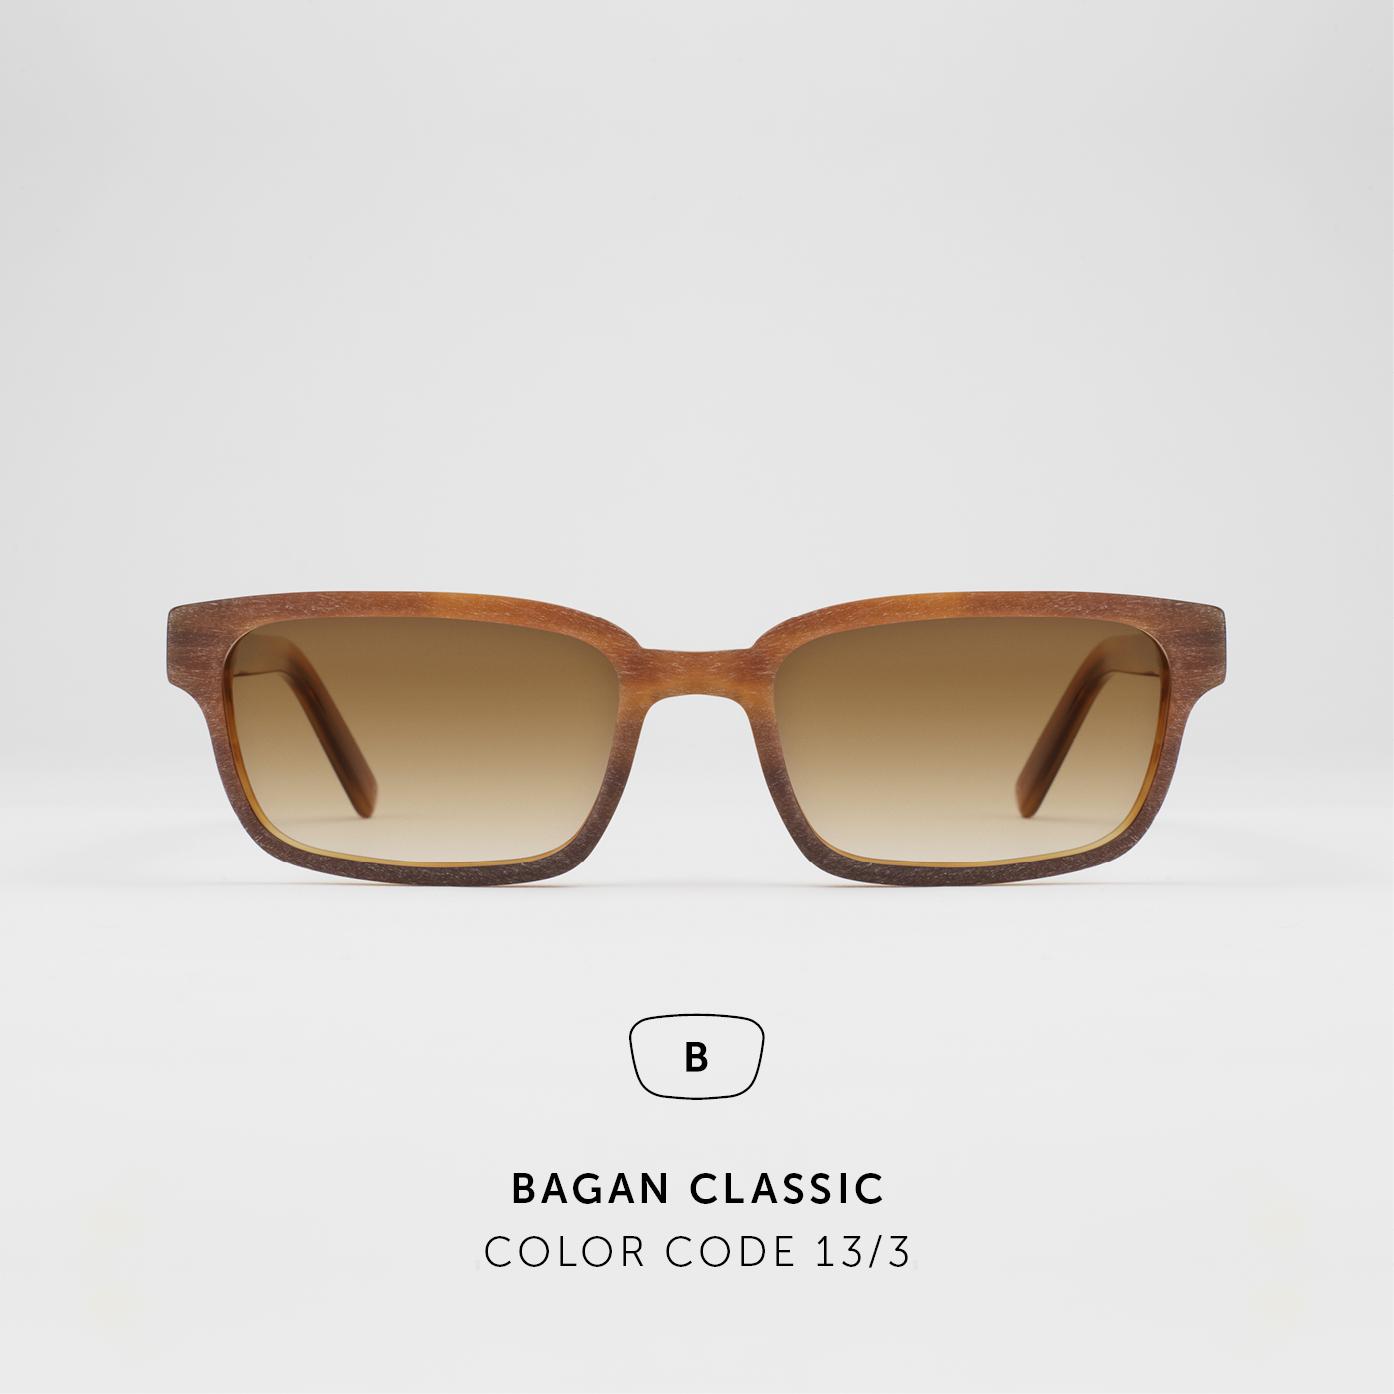 BaganClassic43.jpg